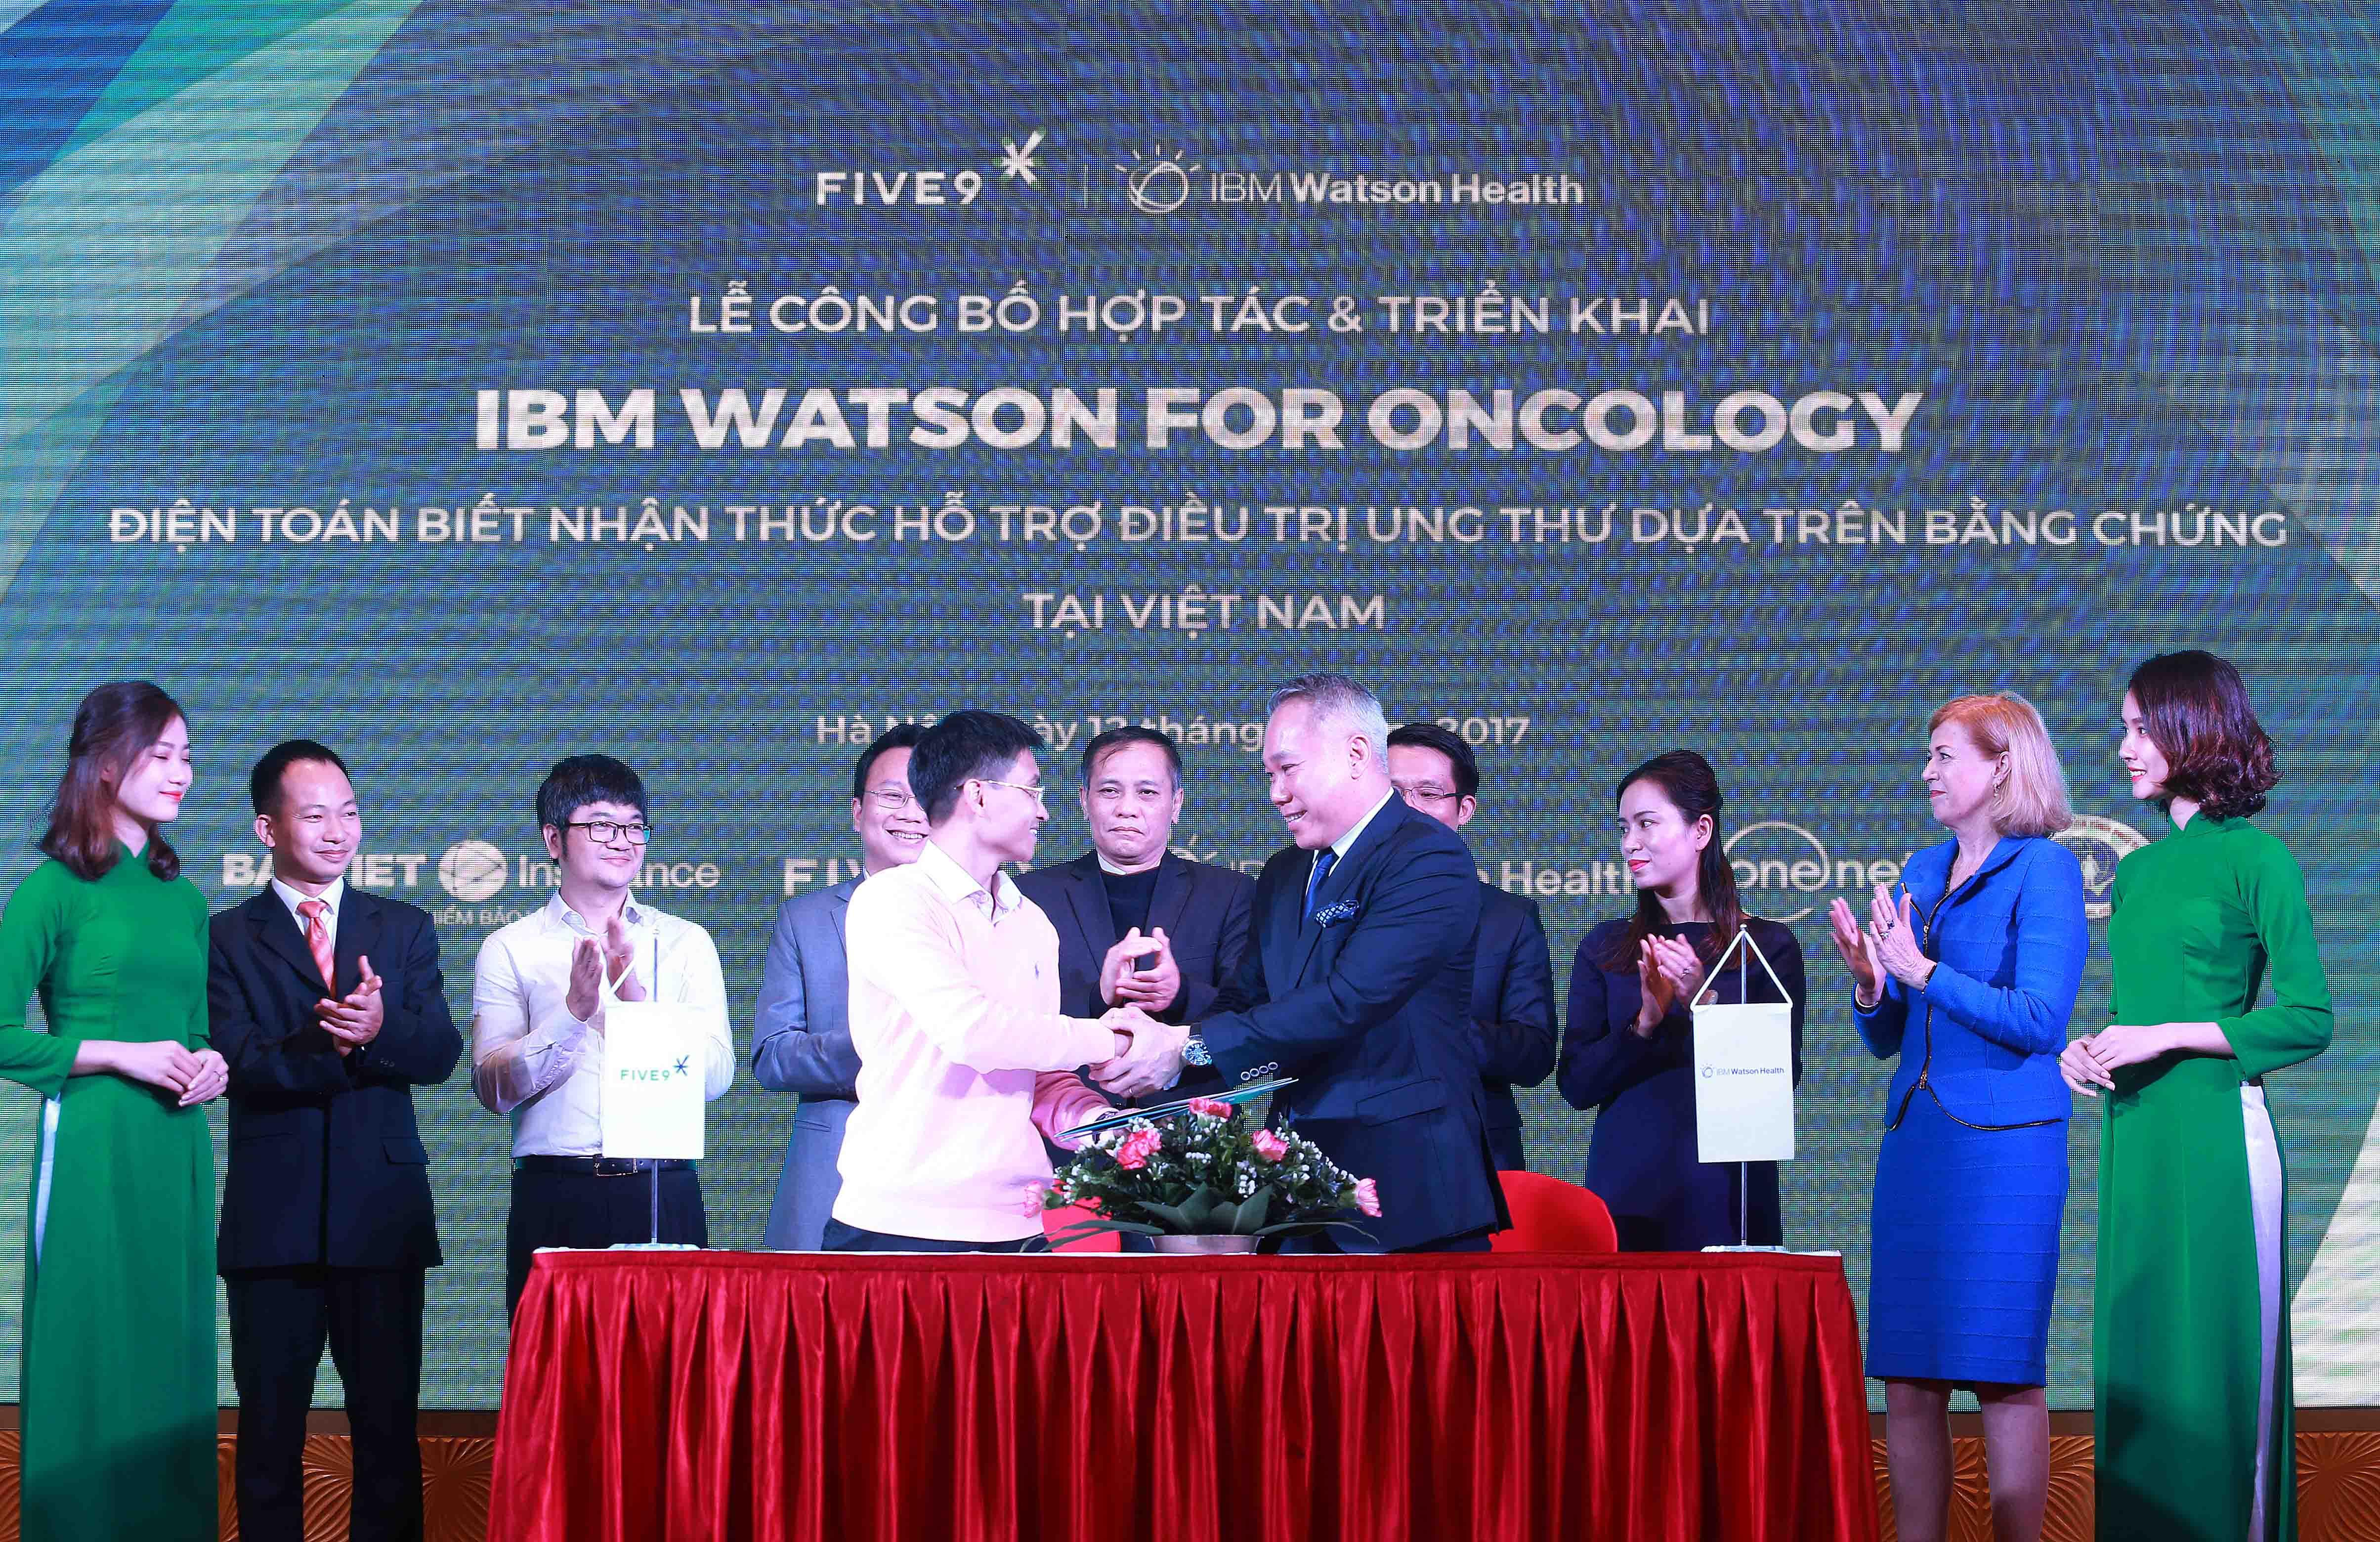 lễ công bố hợp tác công nghệ IBM Watson for Oncology tại Việt Nam